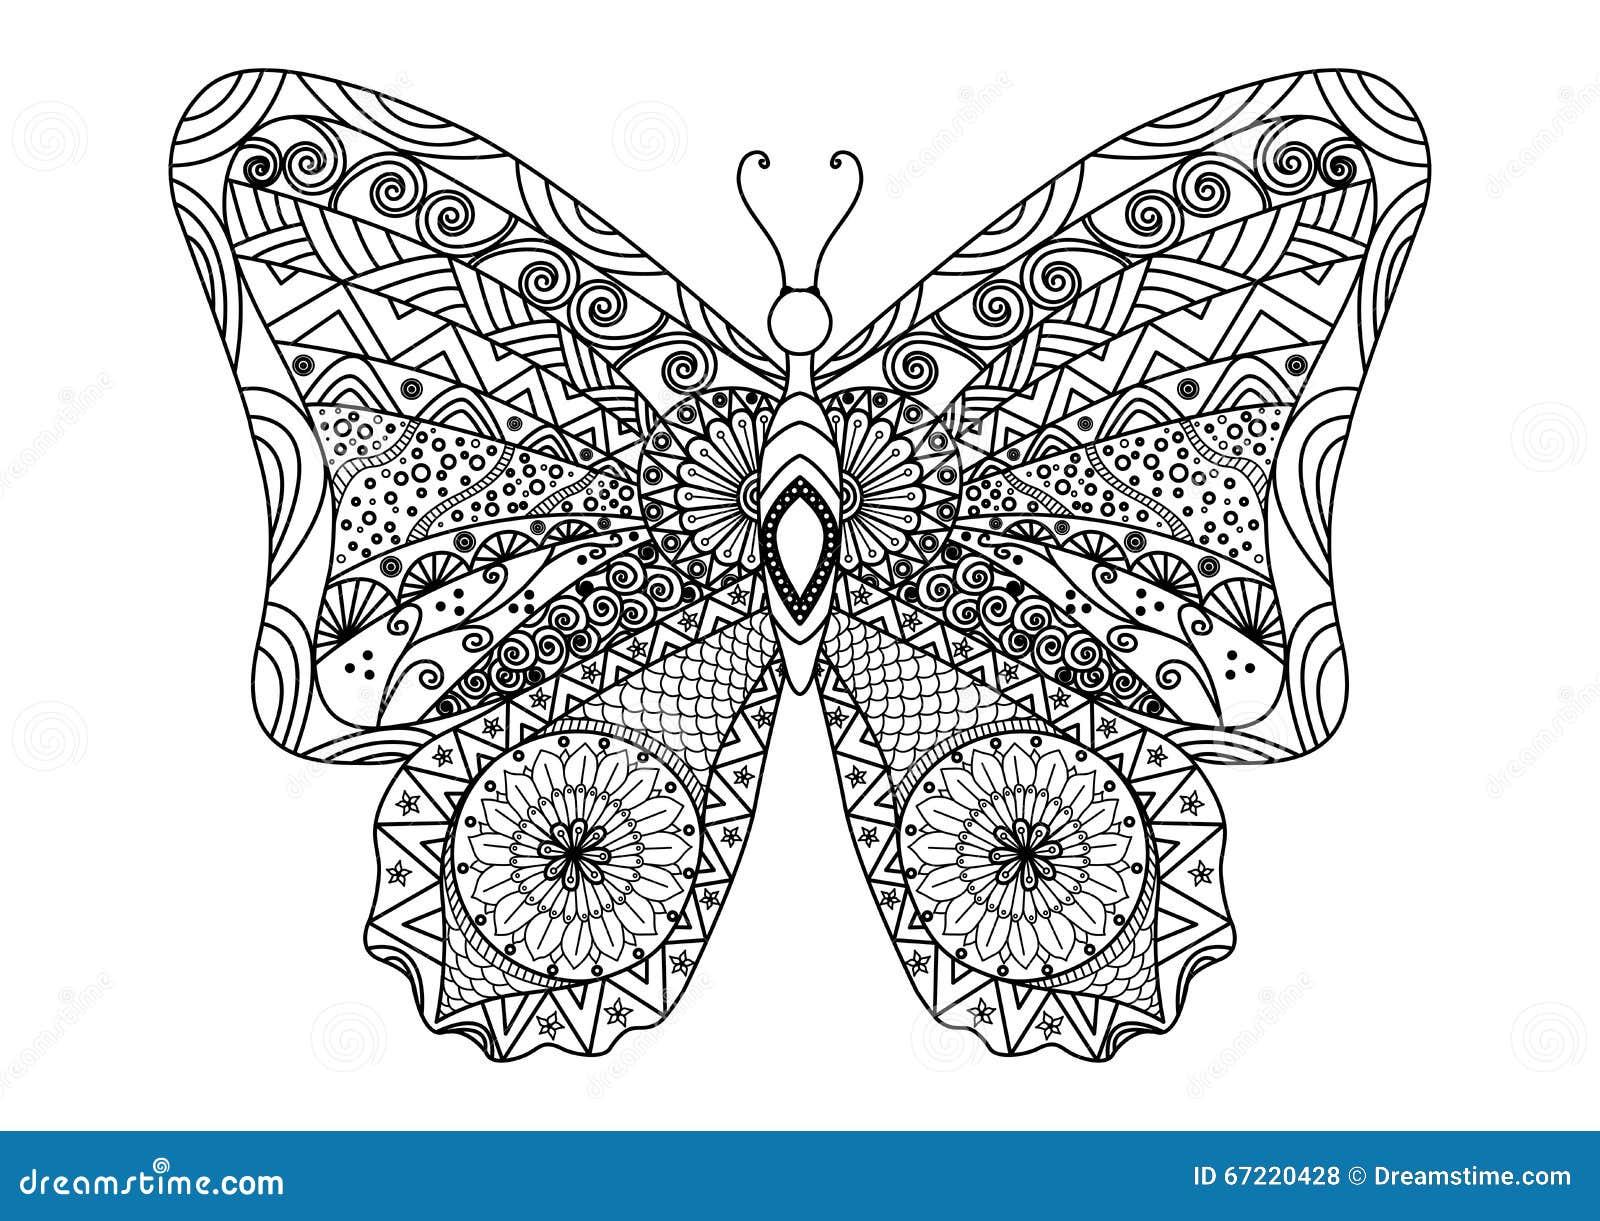 Vlinder Volwassen Kleurplaat Hand Getrokken Vlinder Zentangle Stijl Voor Het Kleuren